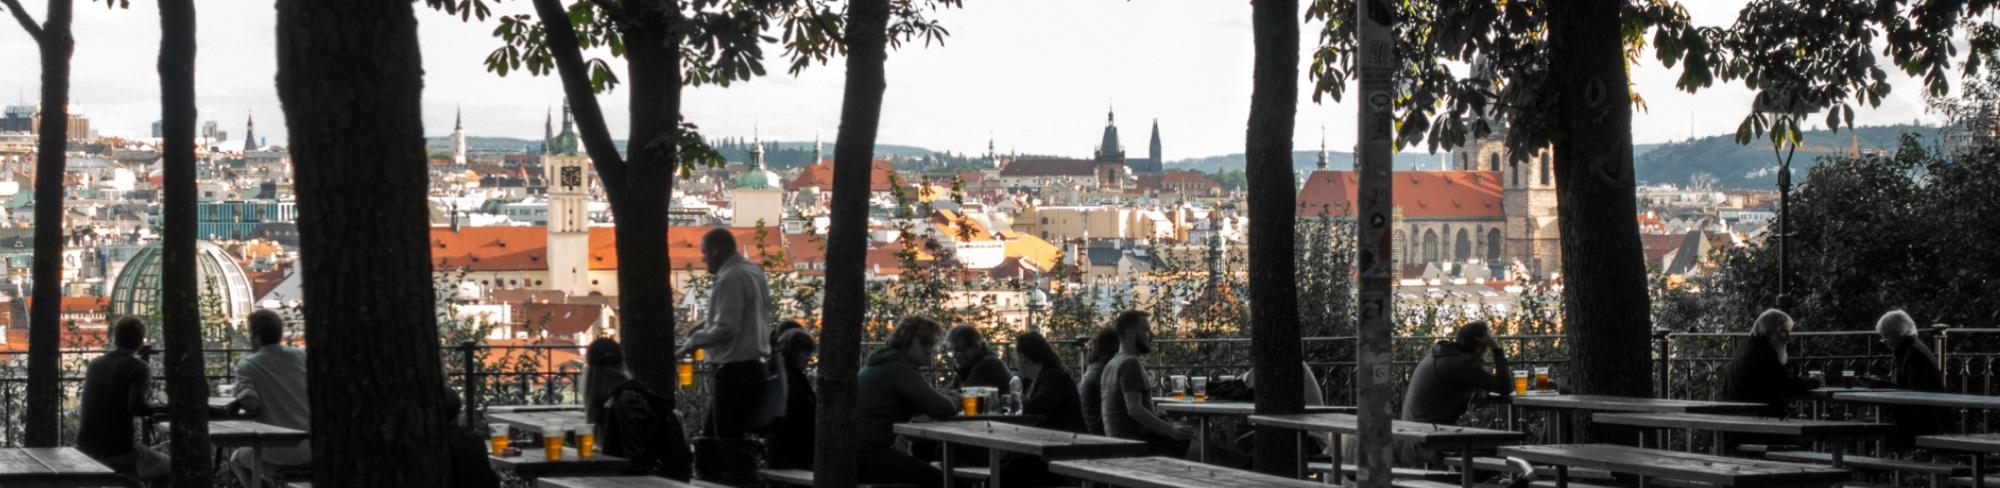 Prague Slide 7.jpg